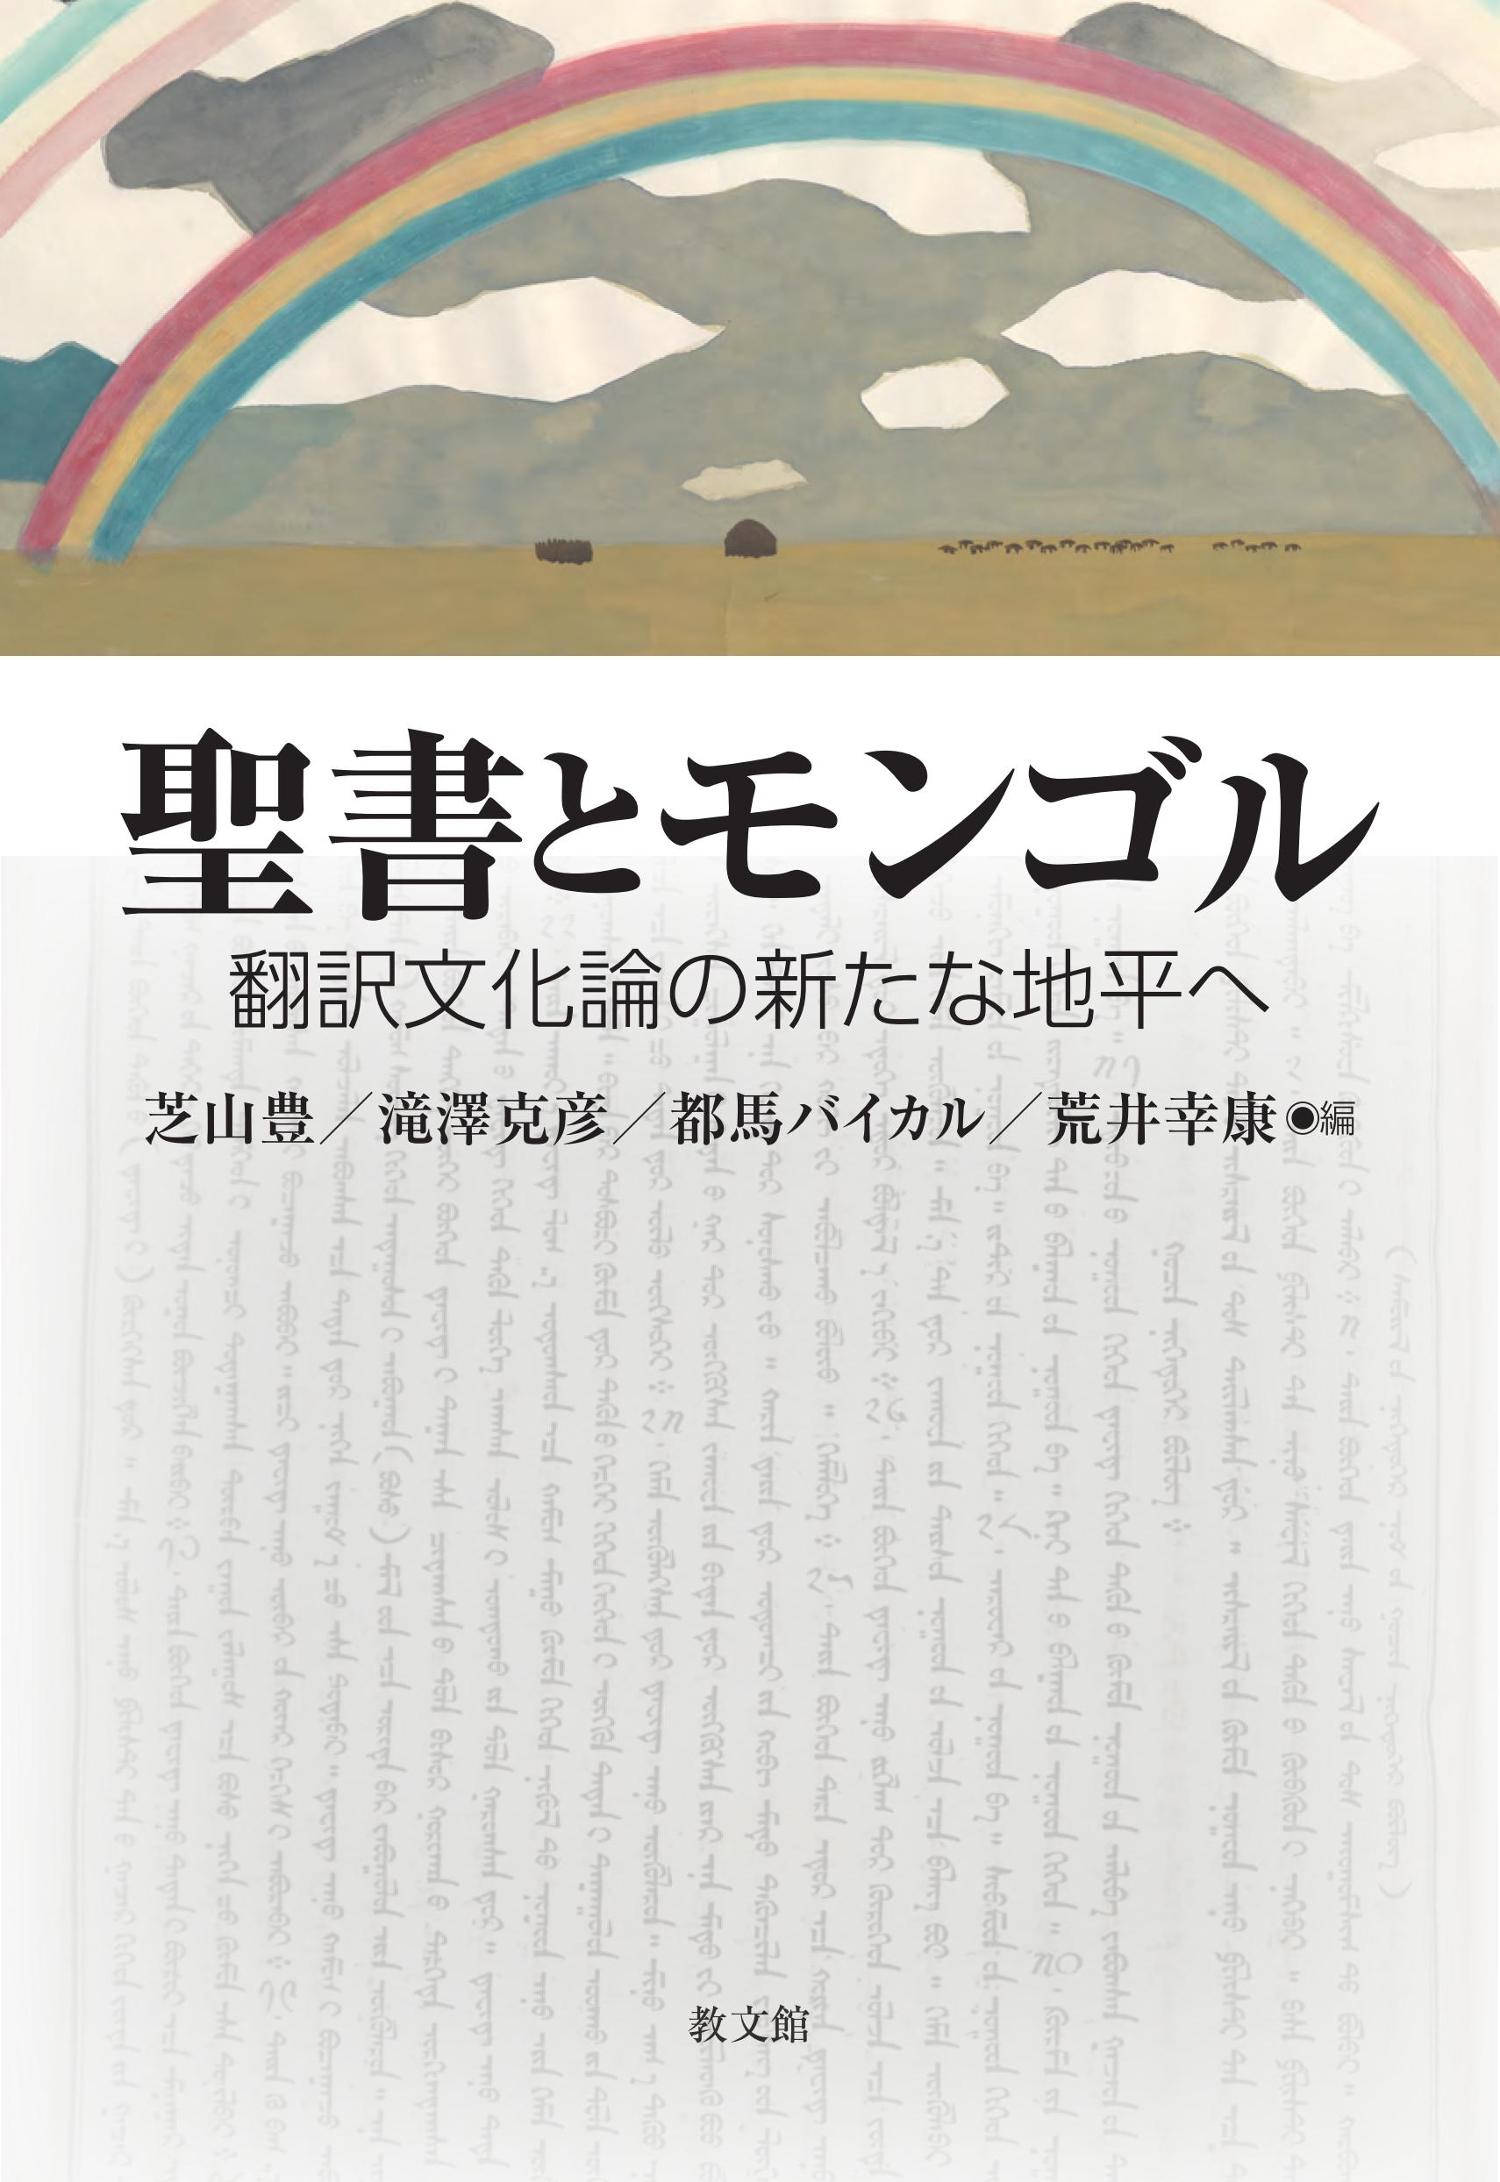 聖書とモンゴル -翻訳文化論の新たな地平へ(長崎大学多文化社会学叢書 3)